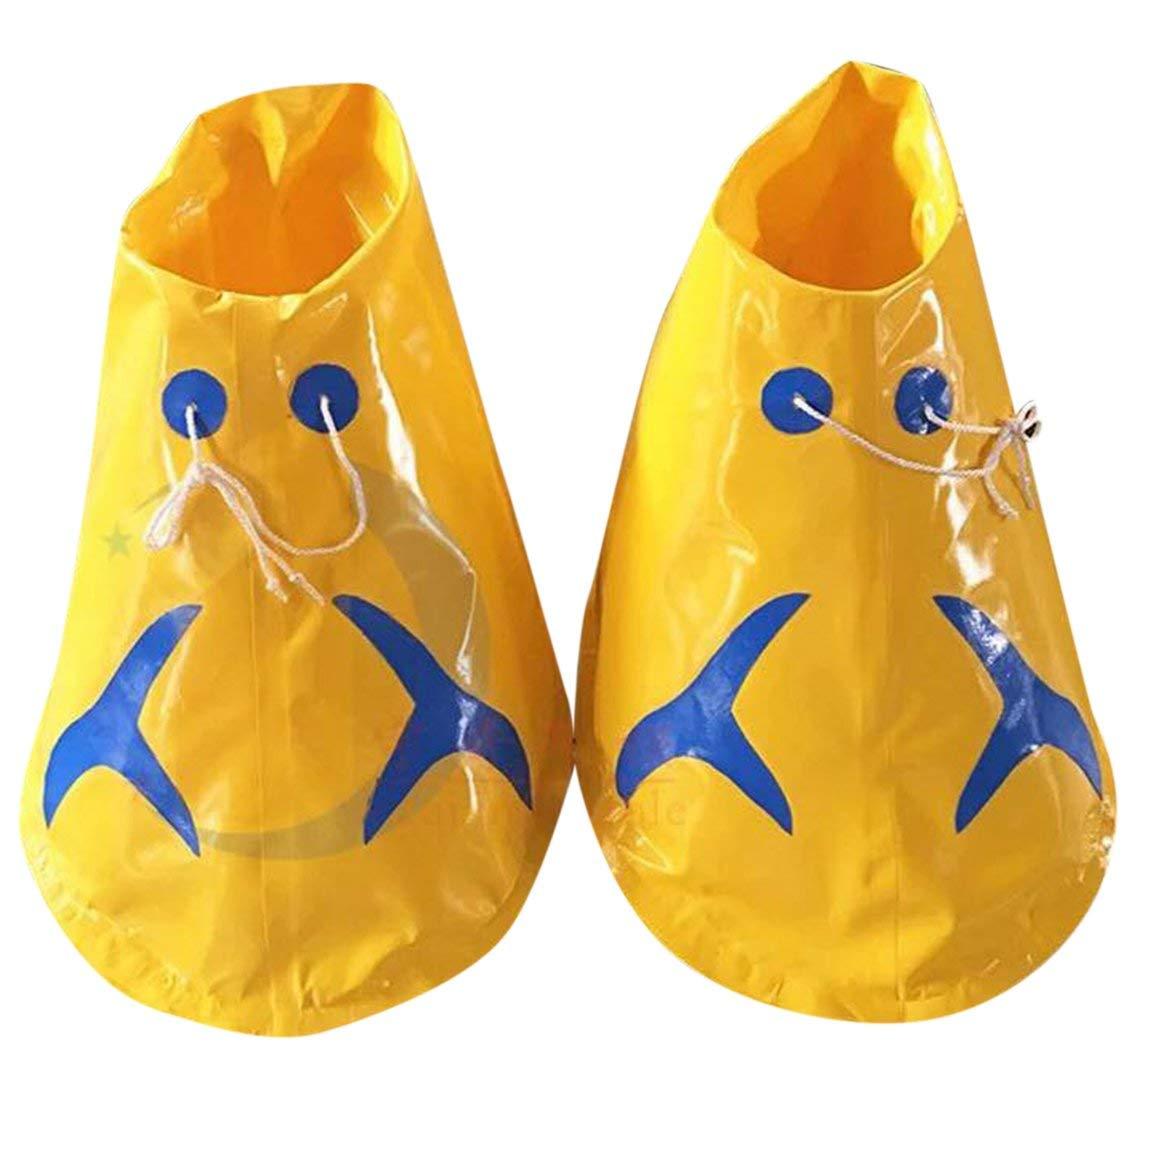 Fantasyworld 70cm große Füße Schuhe Outdoor-Eltern-Kind-Sportgerät Fun Sportspiele Props für Erwachsene Aufblasbare Schuhe